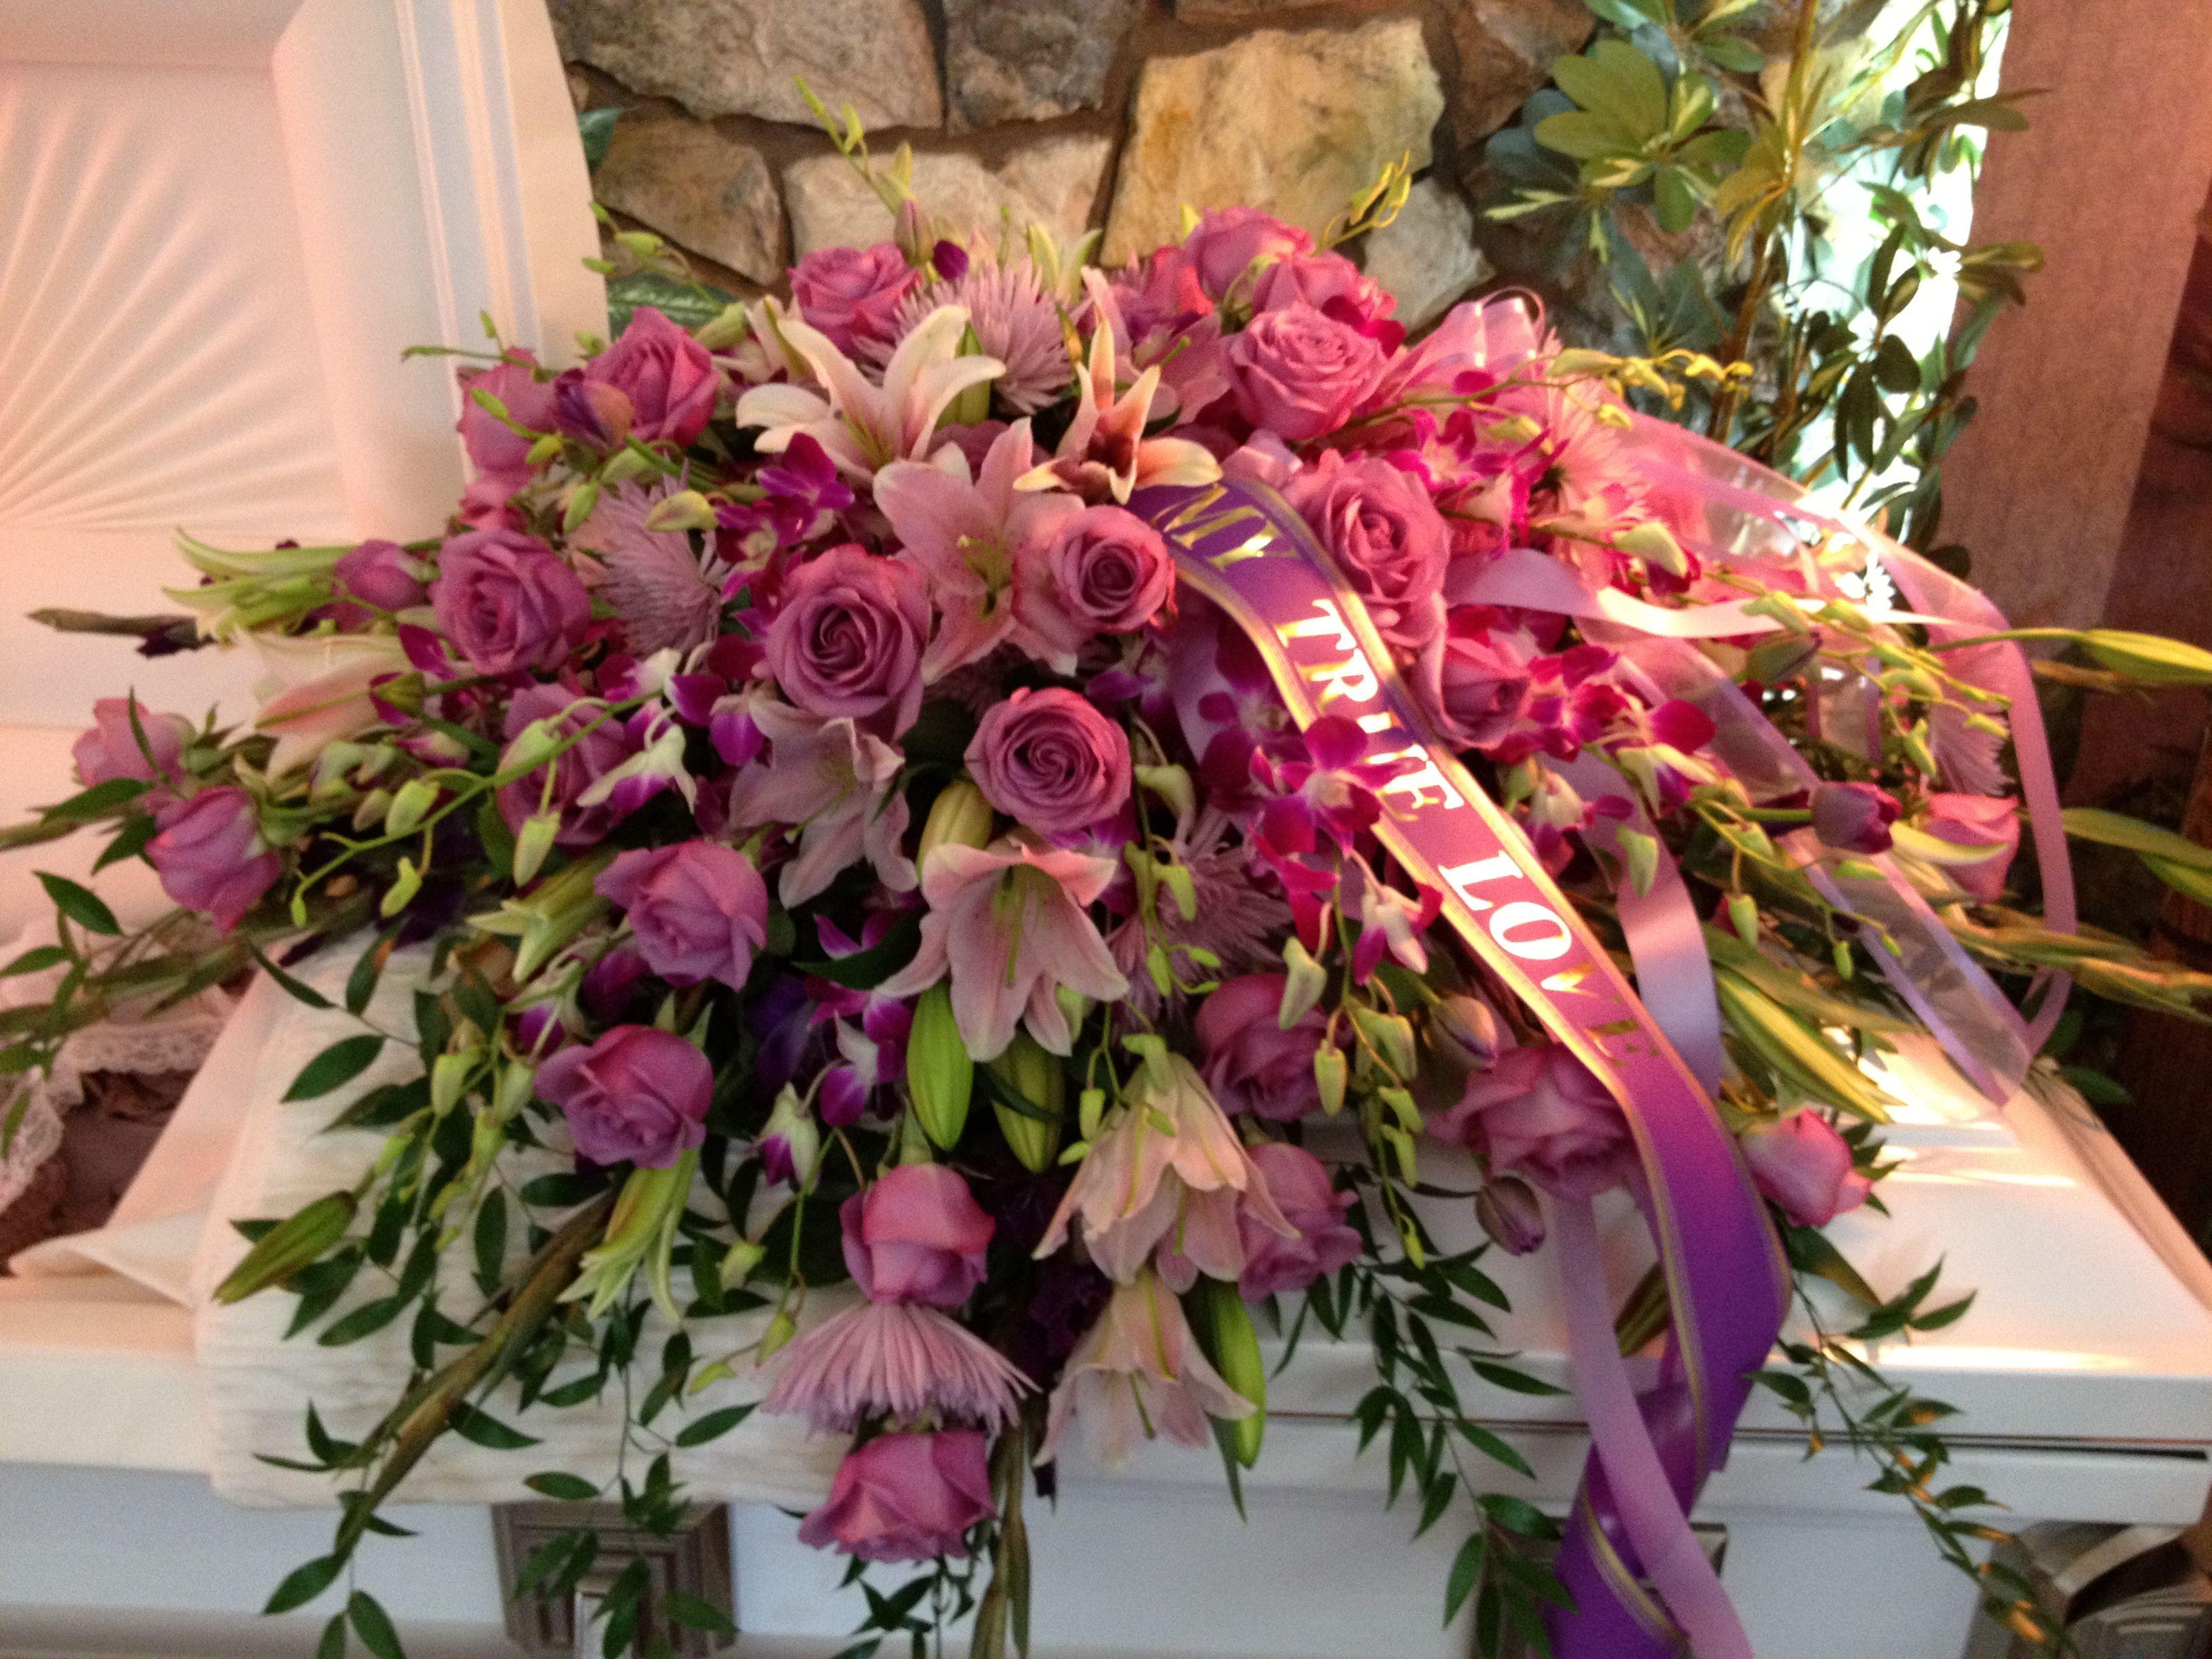 Gorgeous Casket Flower Arrangement Sympathy Flowers